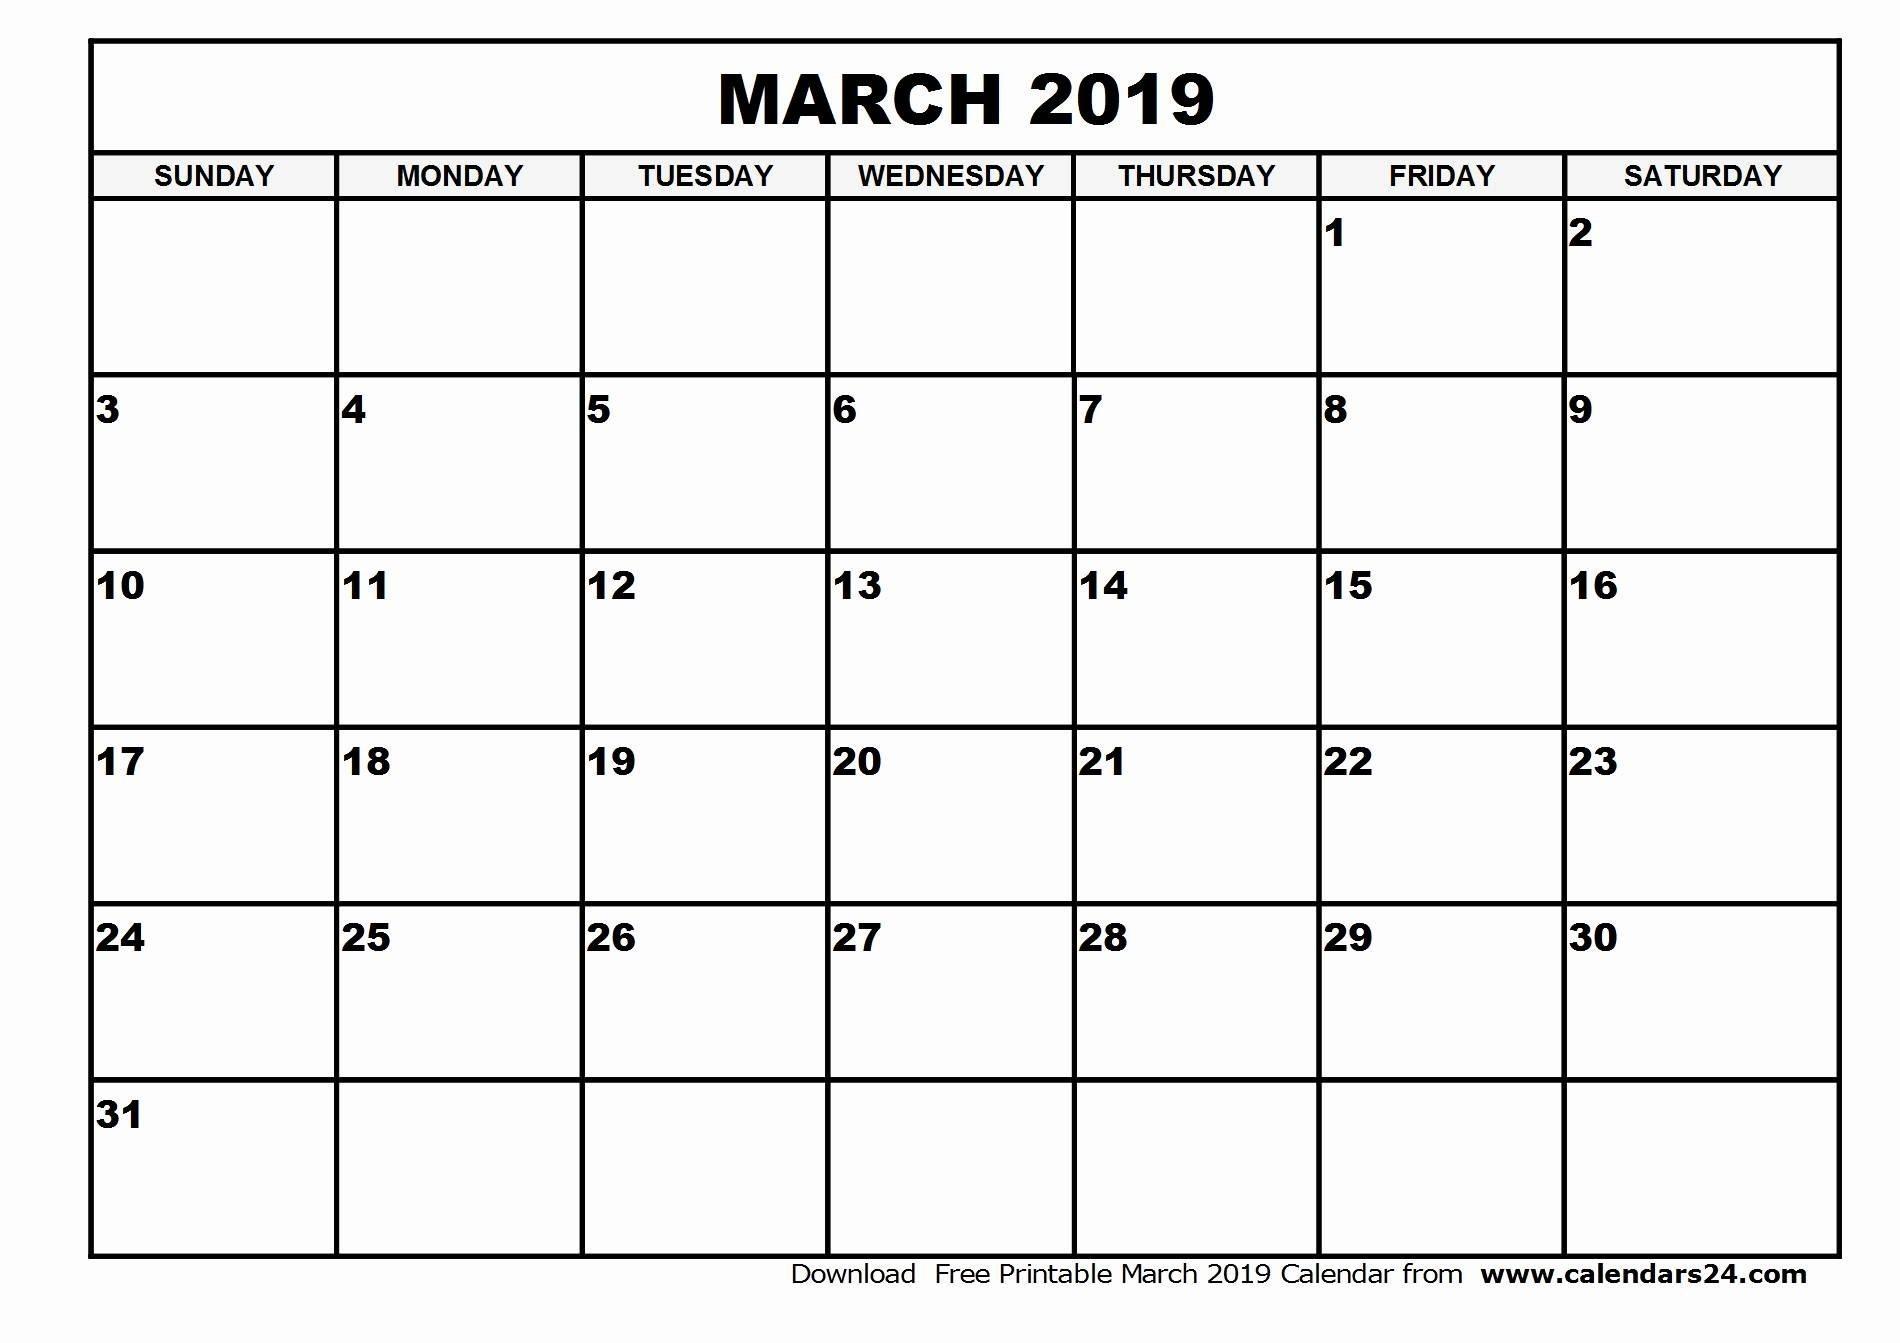 2019 Calendar Printable Colorful New Printable March 2019 Calendar Calendar 2019 2019 Calendar Printable Colorful